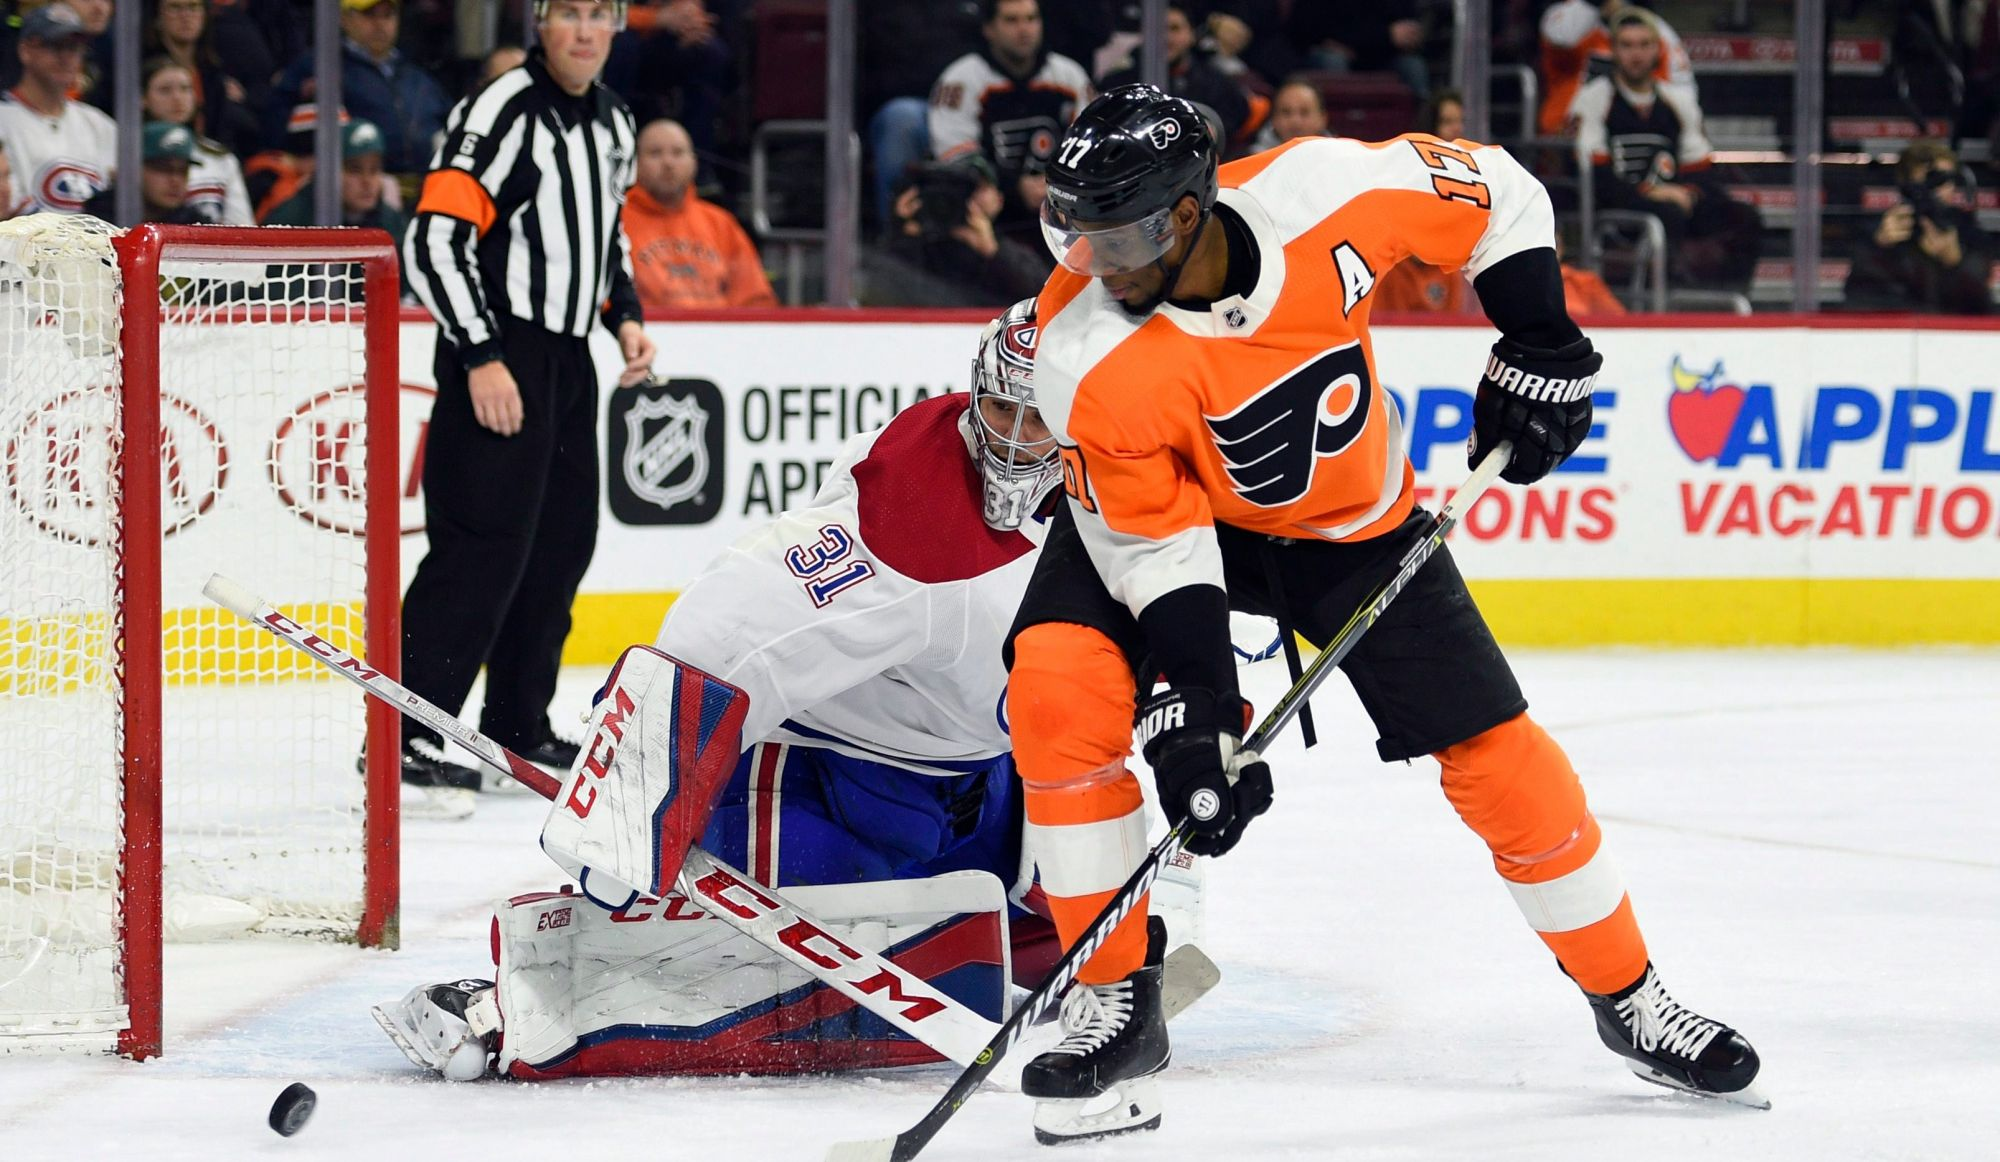 Les Canadiens affronteront ce soir les Flyers : stopper l'hémorragie